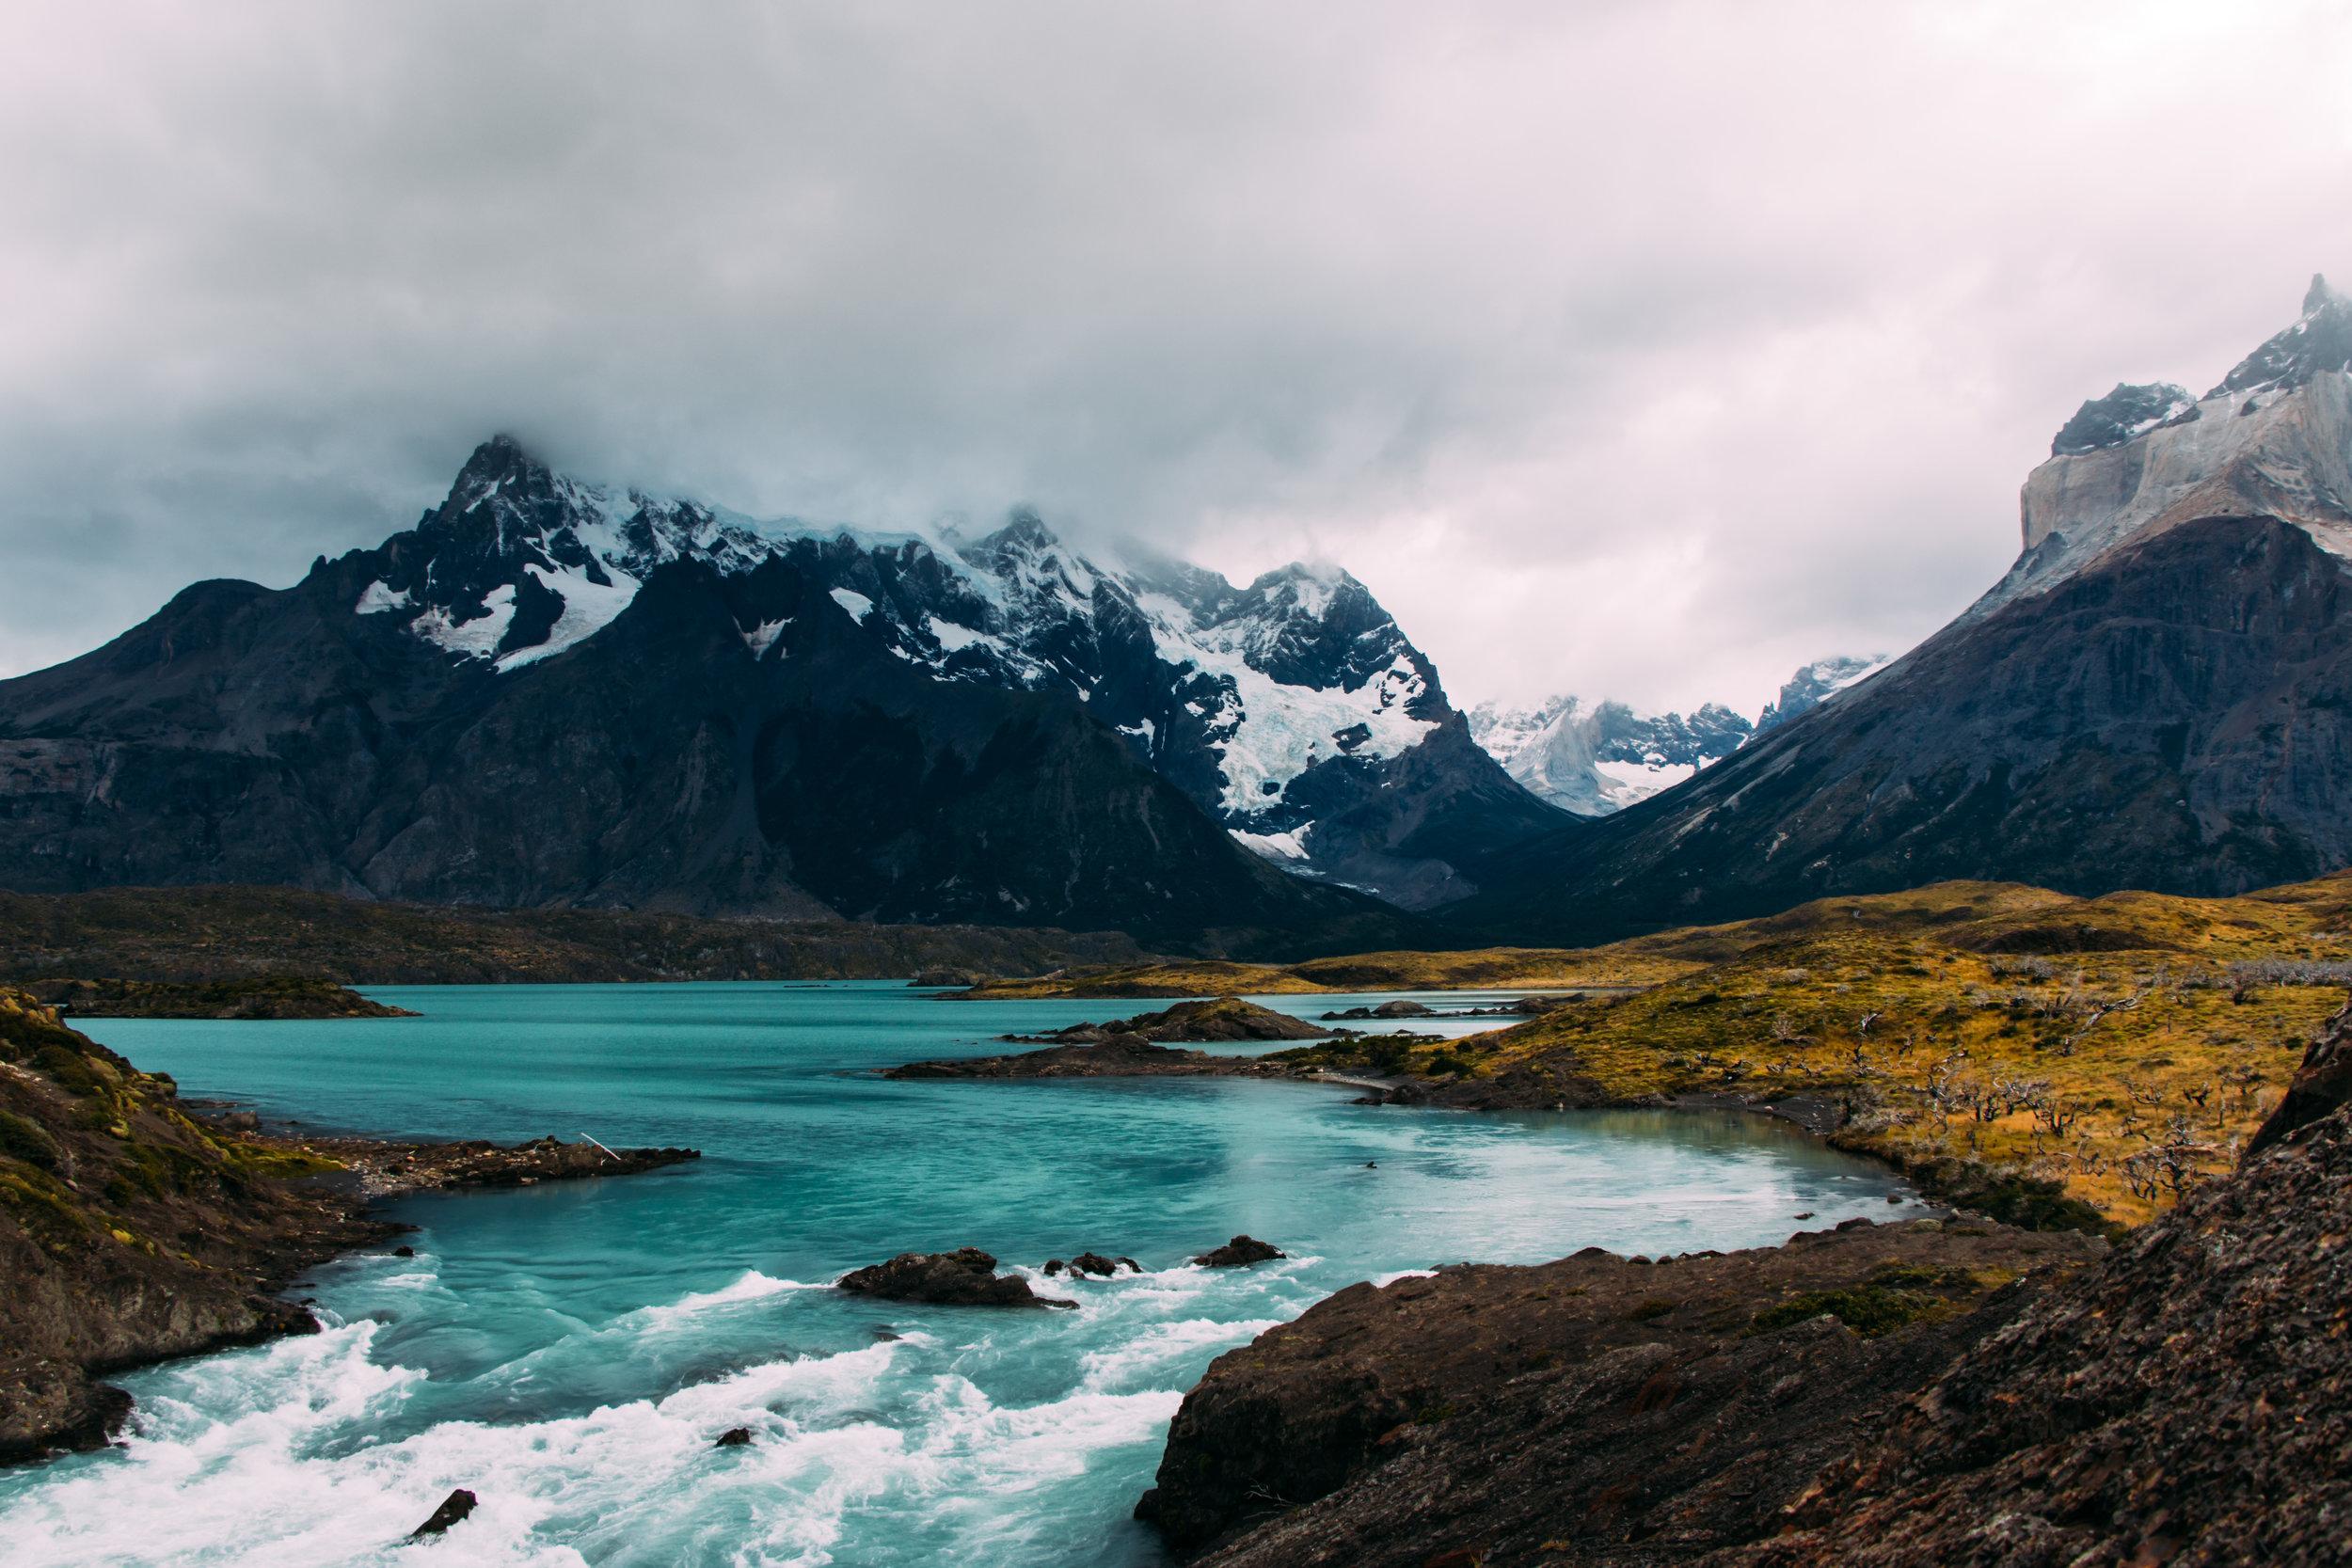 La Patagonia - Compartida por Chile y Argentina, esta región es una maravilla natural. Desde glaciares hasta vistas increíbles, la Patagonia es una región que traerá los mejores recuerdos de tu infancia en cada conversación. La exquisita gastronomía de la Patagonía hará que tu experiencia sea una extraordinaria. No olvides pasar por el Chaltén, Calafate, Puerto Natales, Ushuaia y Punta Arenas.